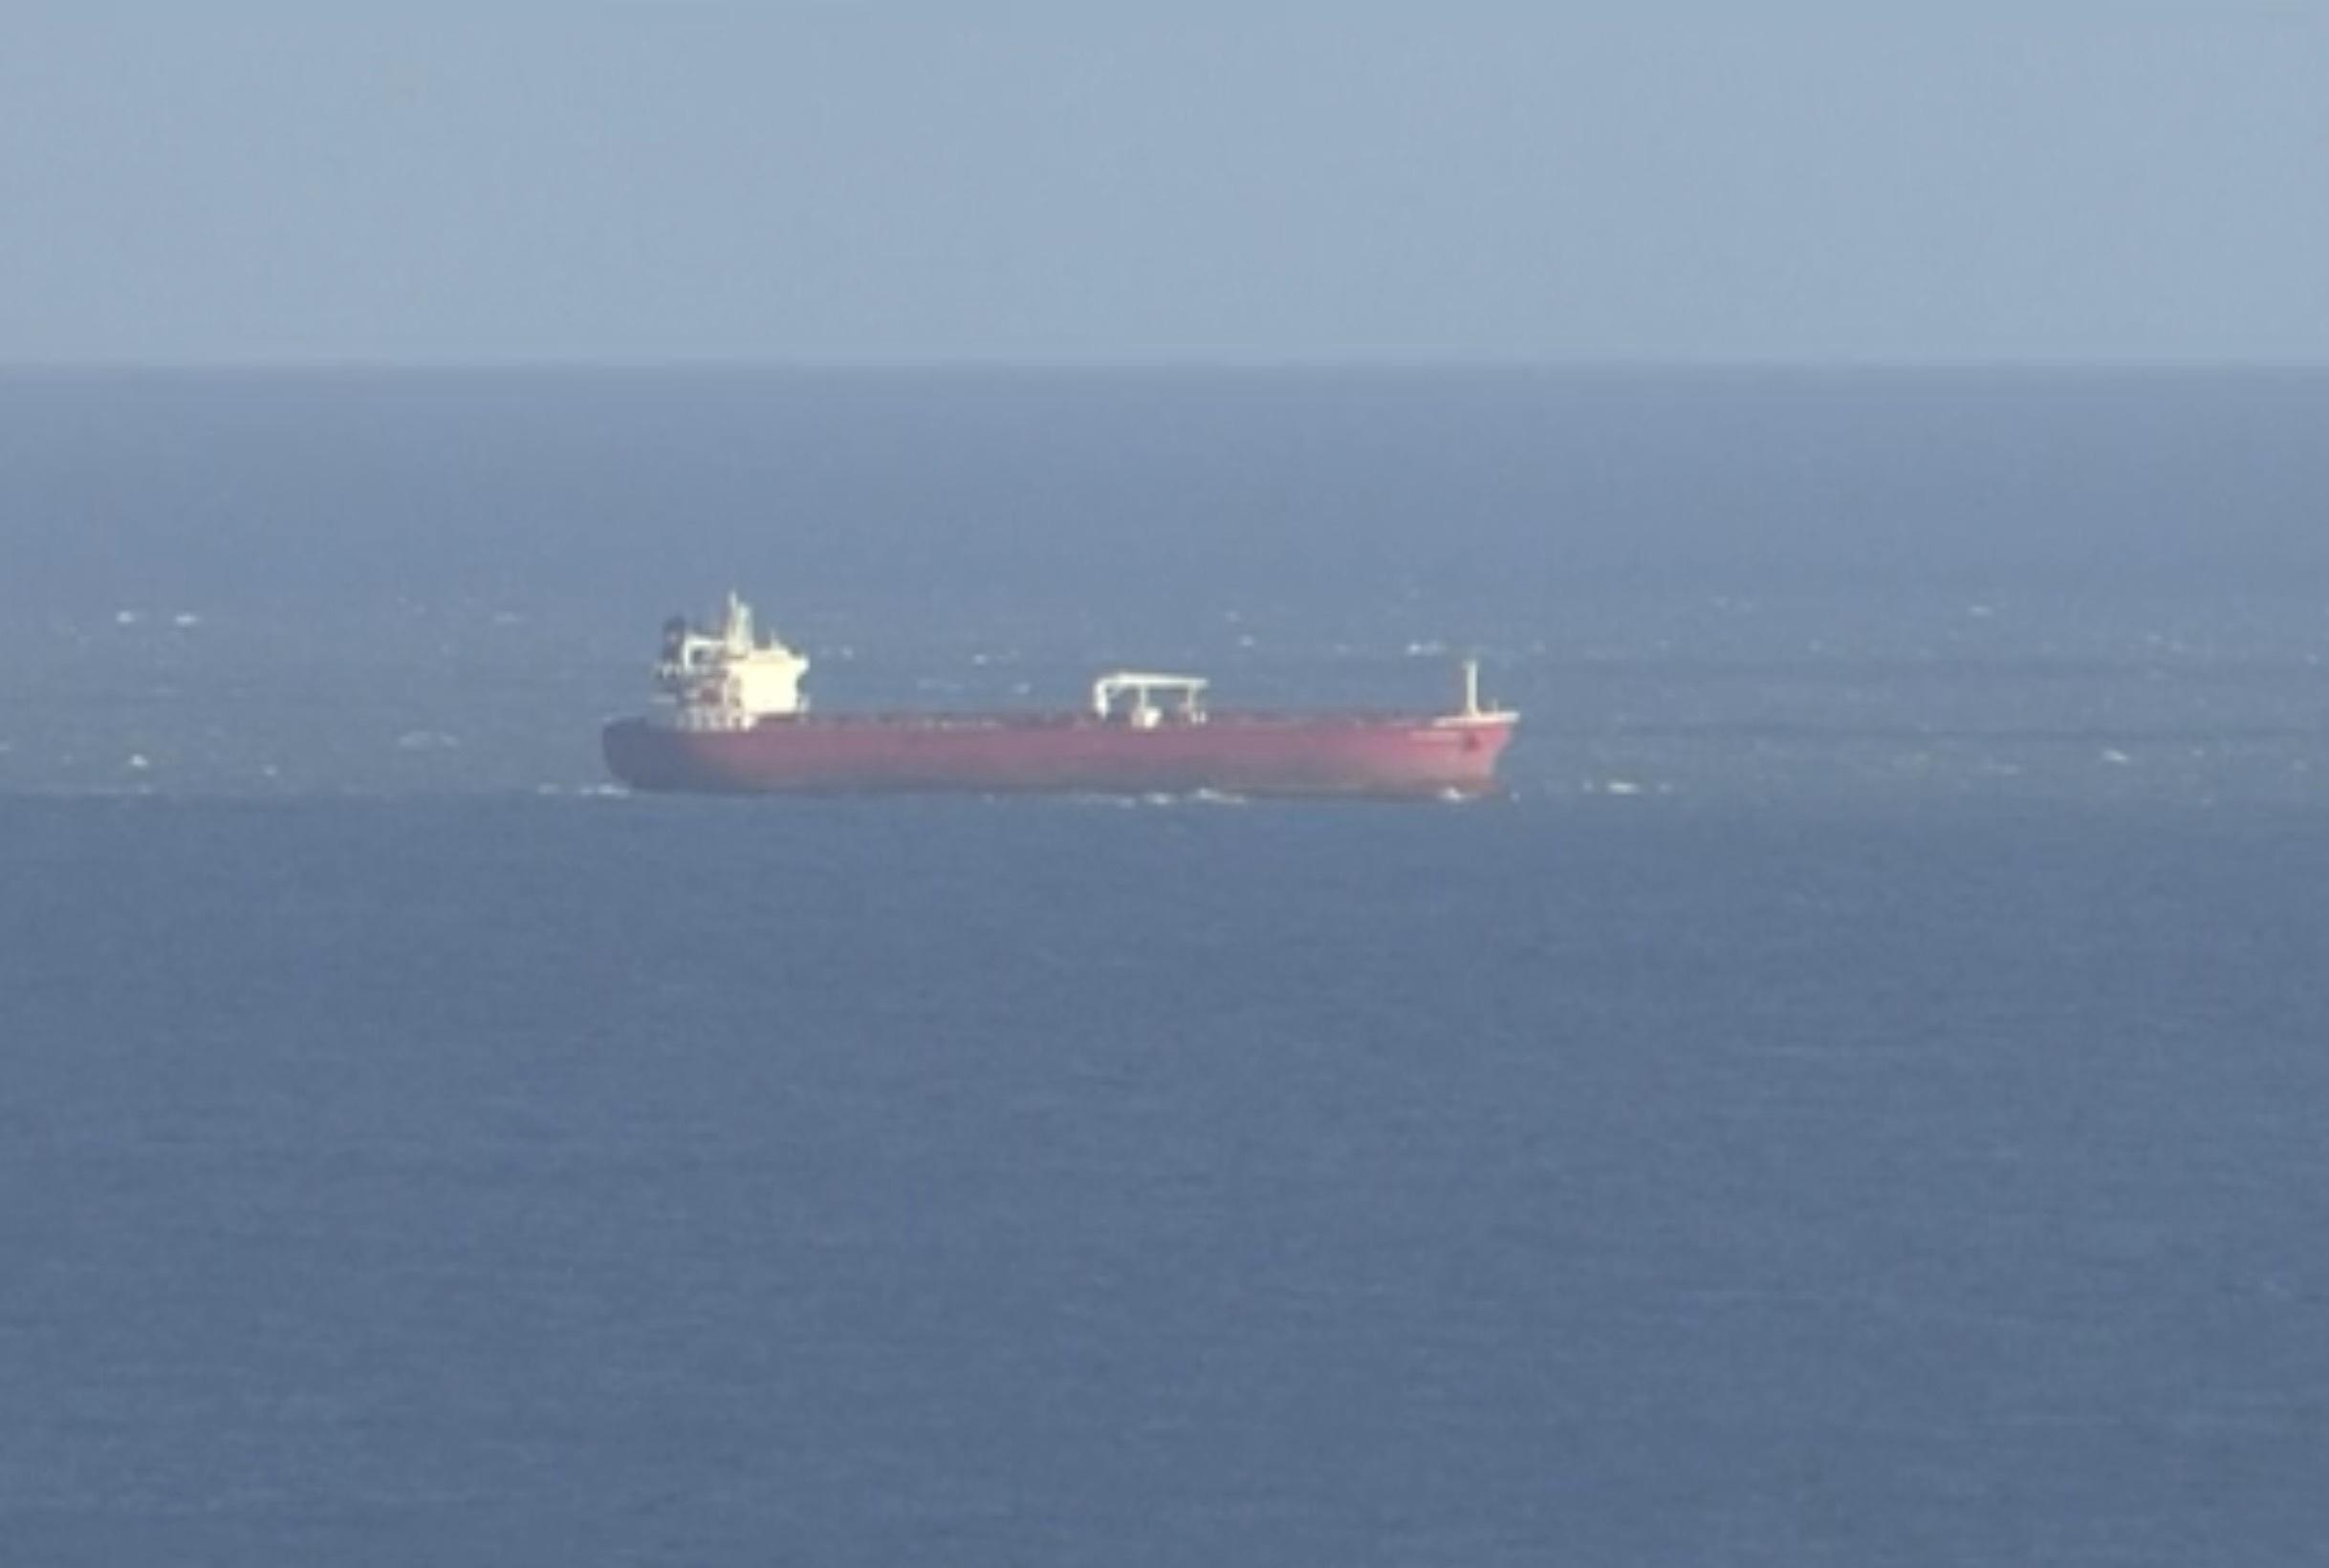 Paura nella Manica: petroliera in mano ai clandestini, arrivano i commando